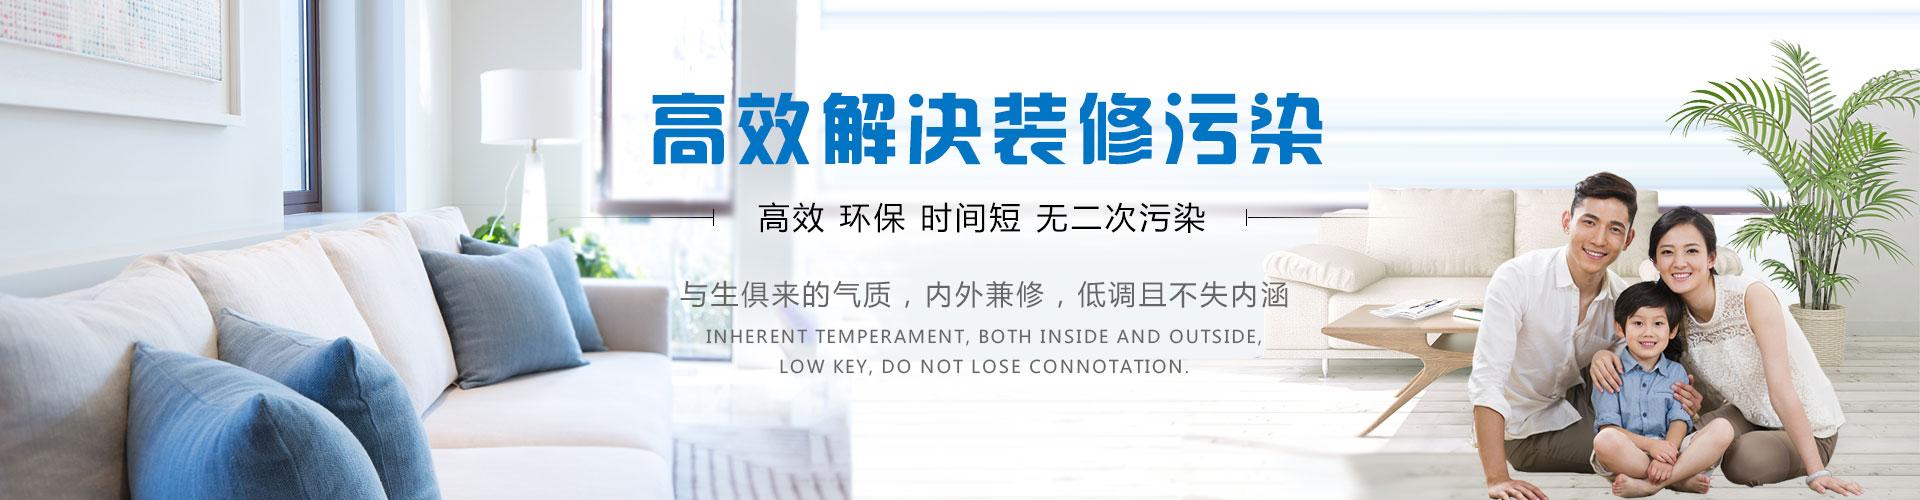 海南宏洲环保去bwin中国app率